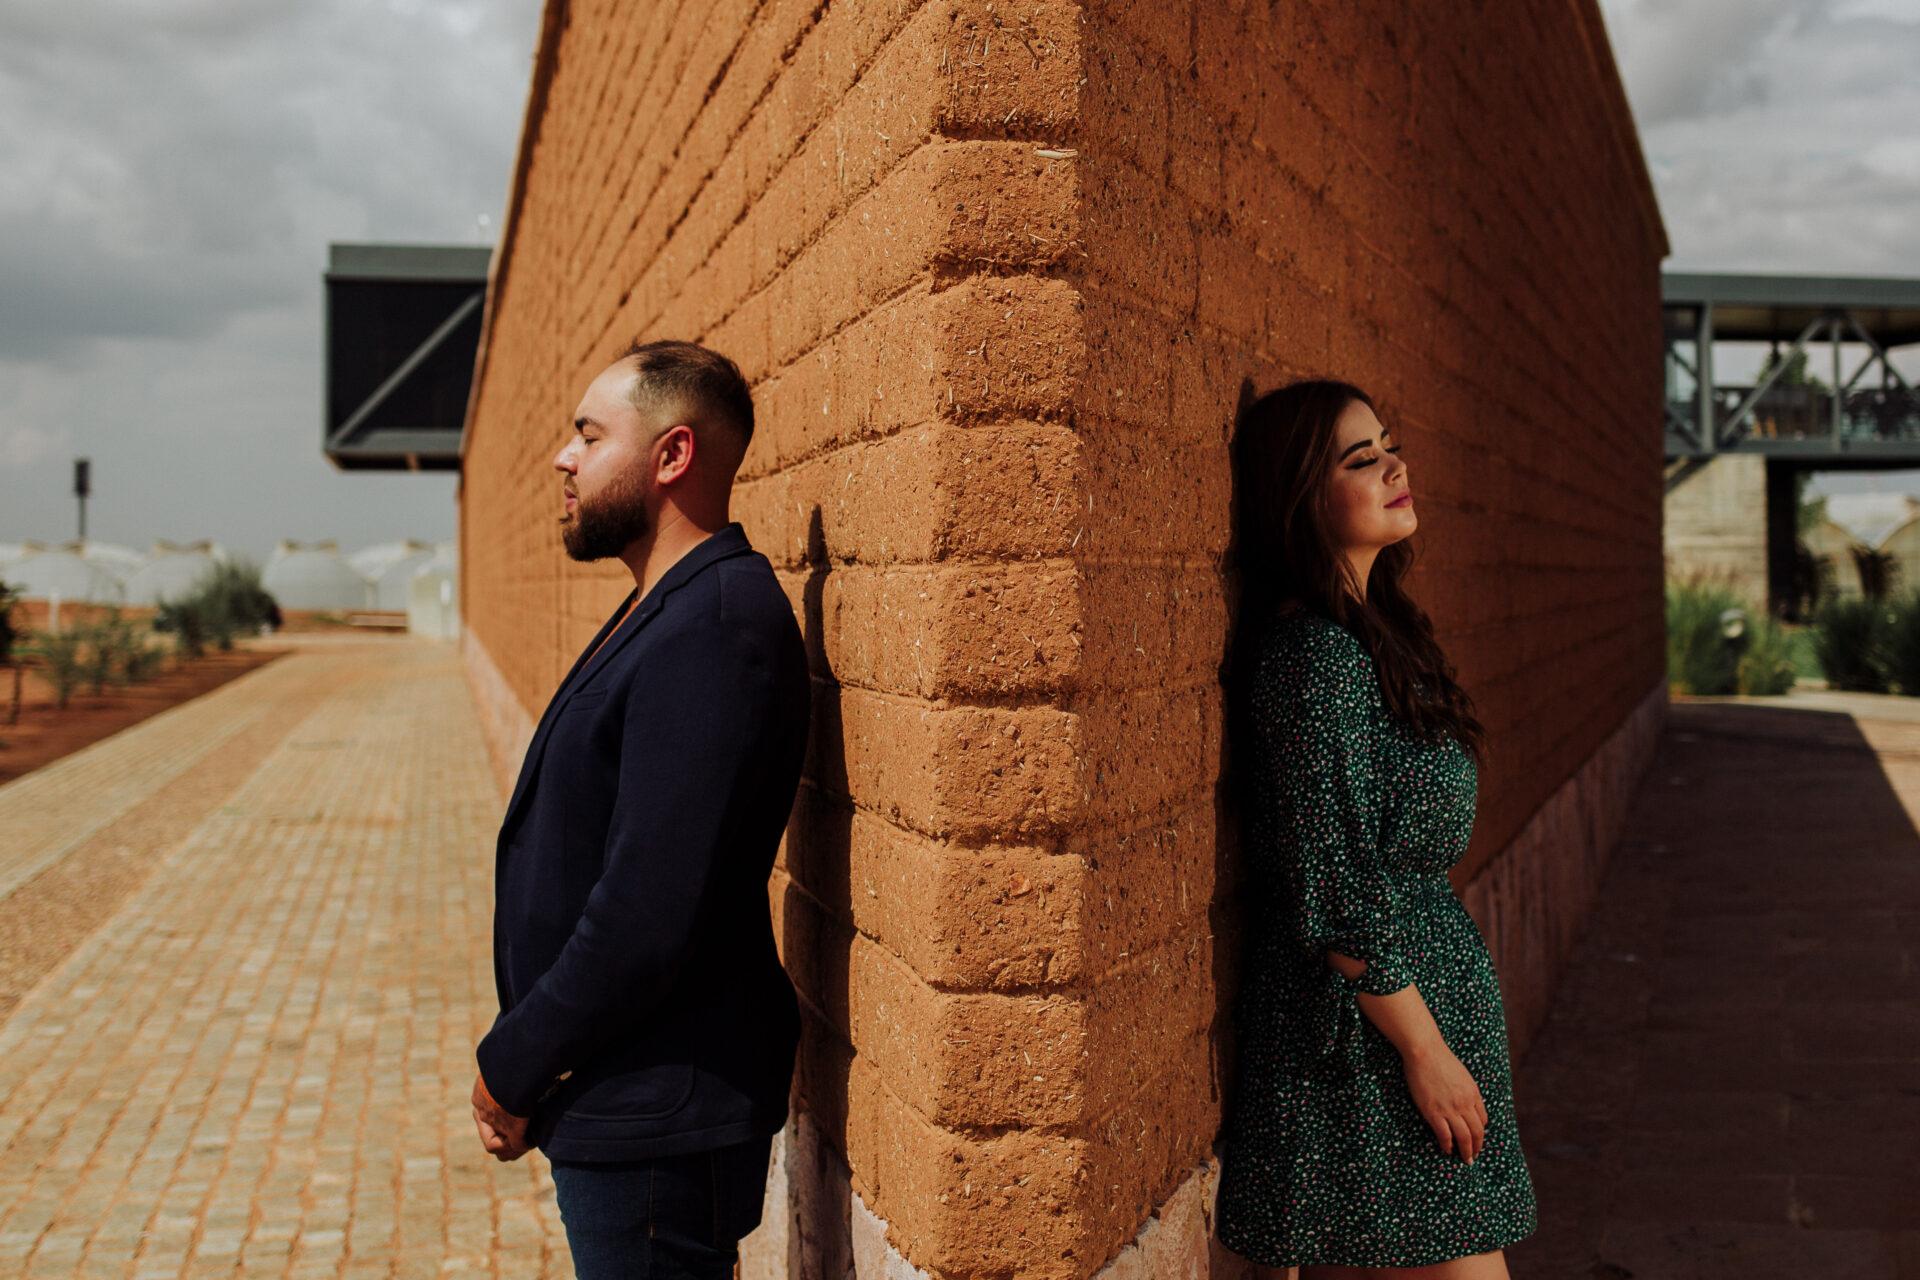 javier_noriega_fotografo_save_the_date_tierra_adentro_zacatecas_wedding_photographer6